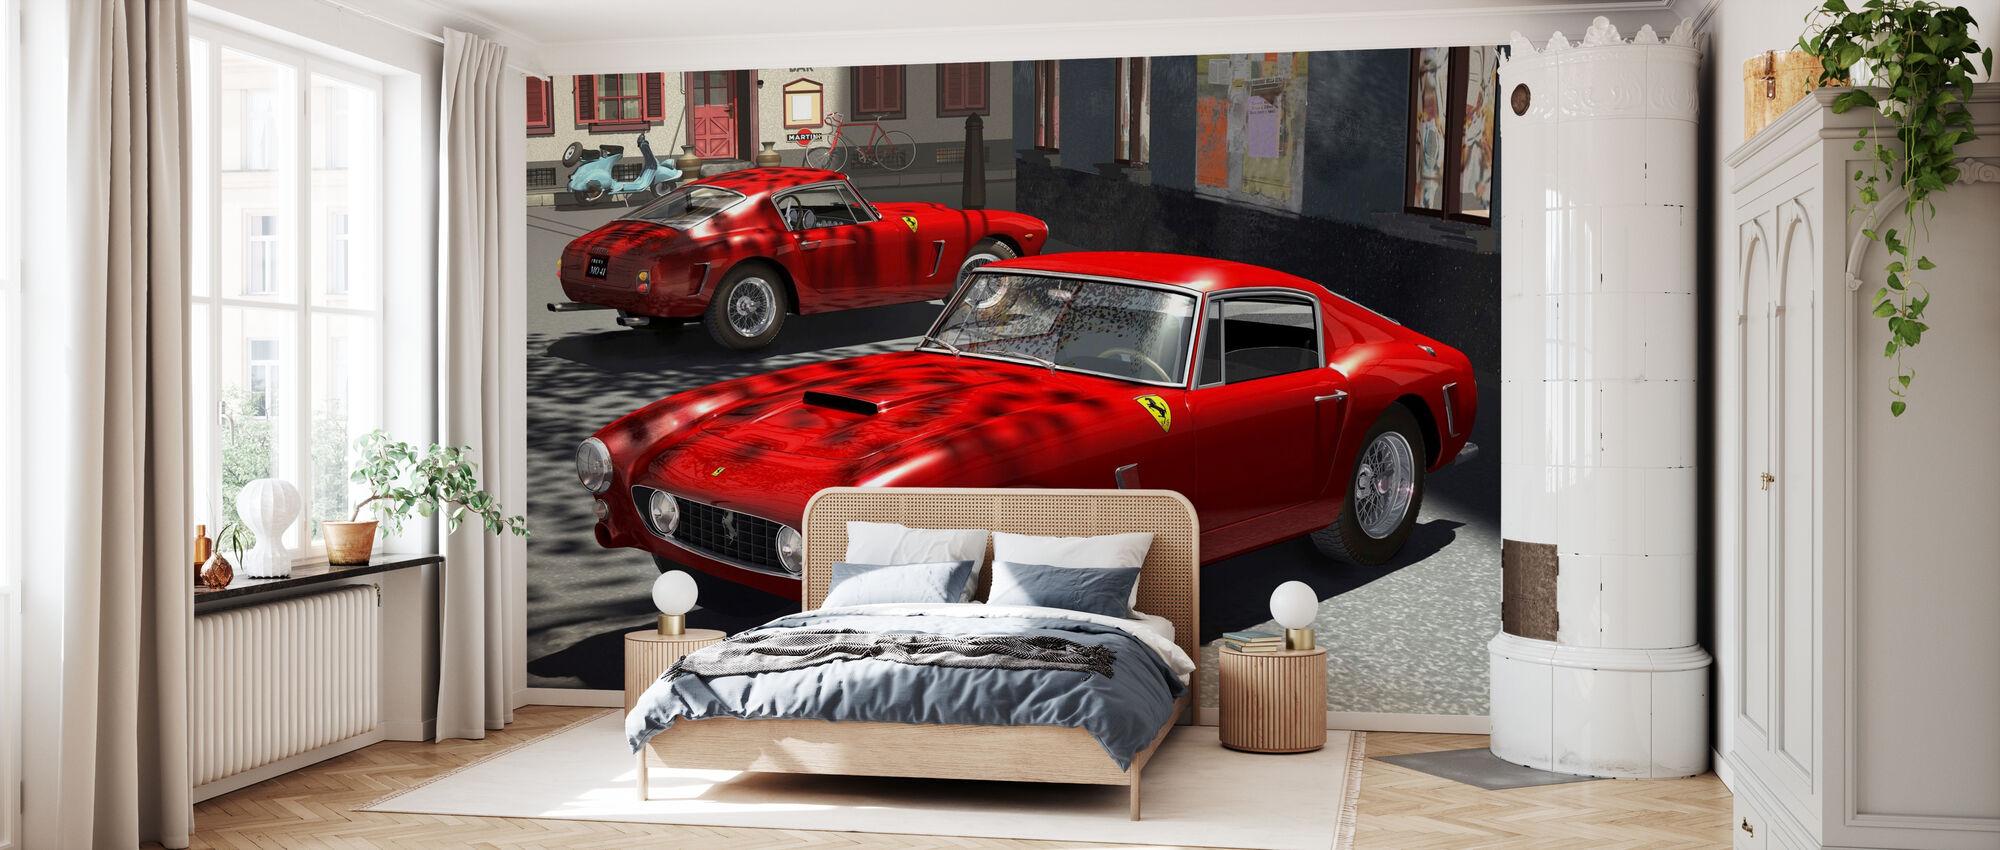 Classic Sports Car - Wallpaper - Bedroom